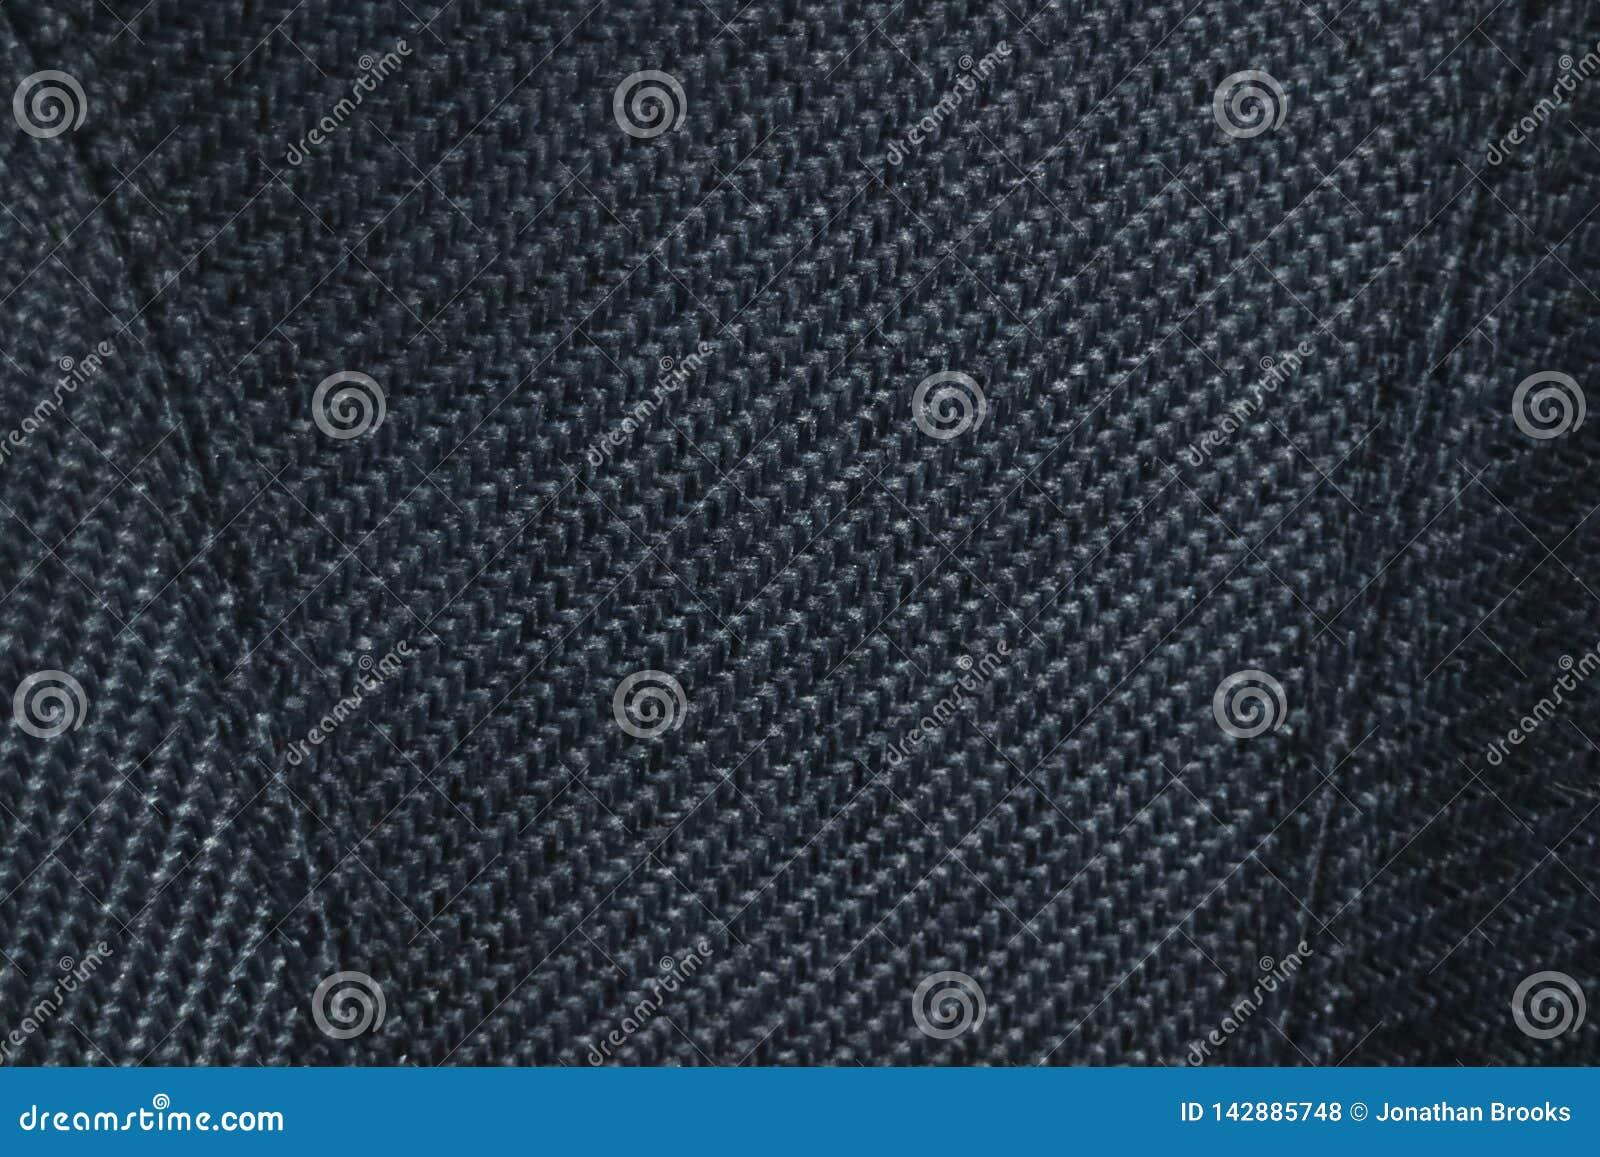 Clôturez la texture de tissu du fauteuil de luxe tapissé Piquer de la meilleure qualité et modèle croisé sur la surface de sofa